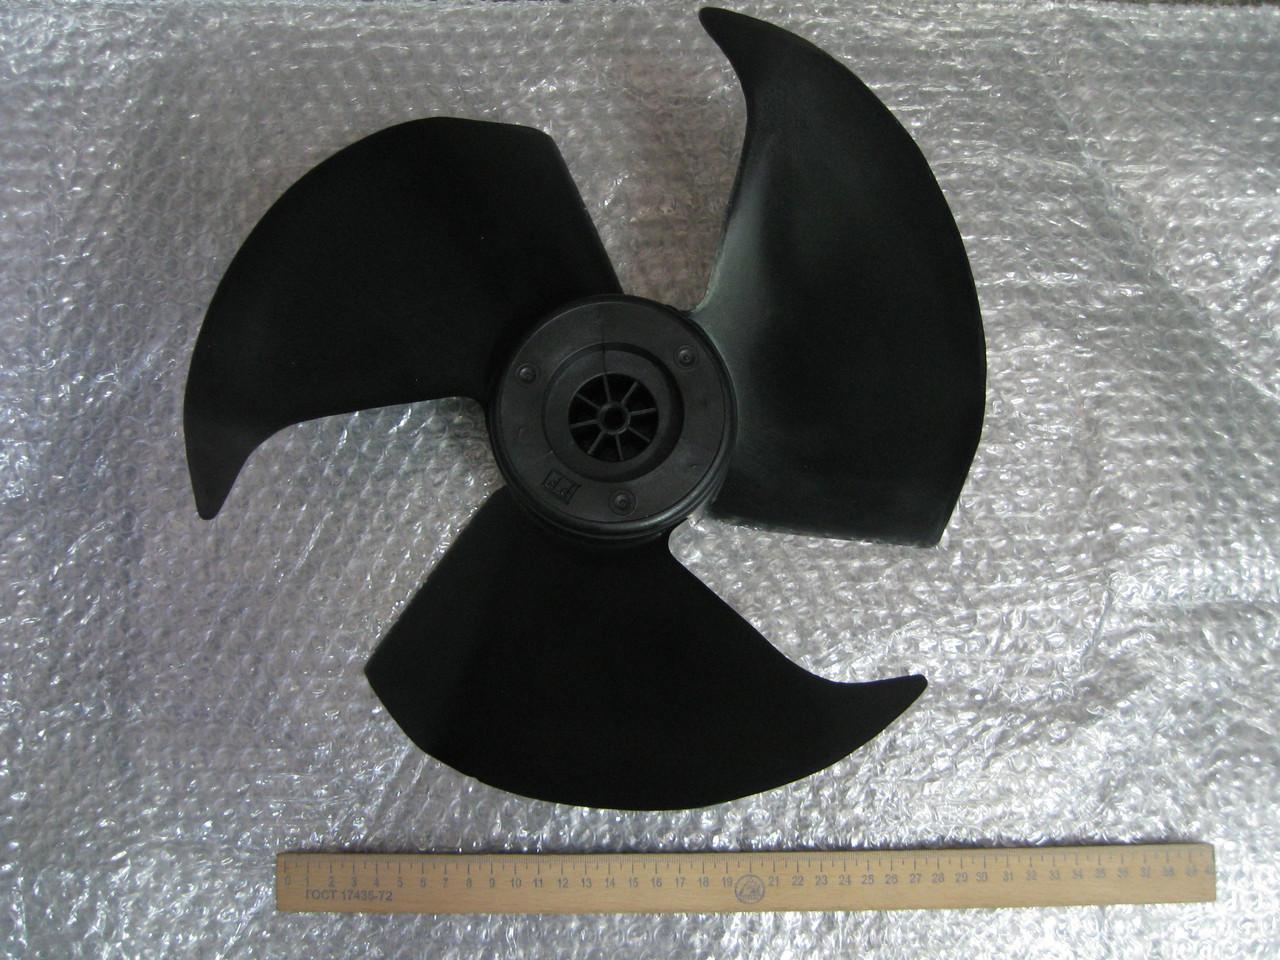 Крыльчатка вентилятора наружного блока кондиционера LG 07/09, 300мм, 5900AR1266A